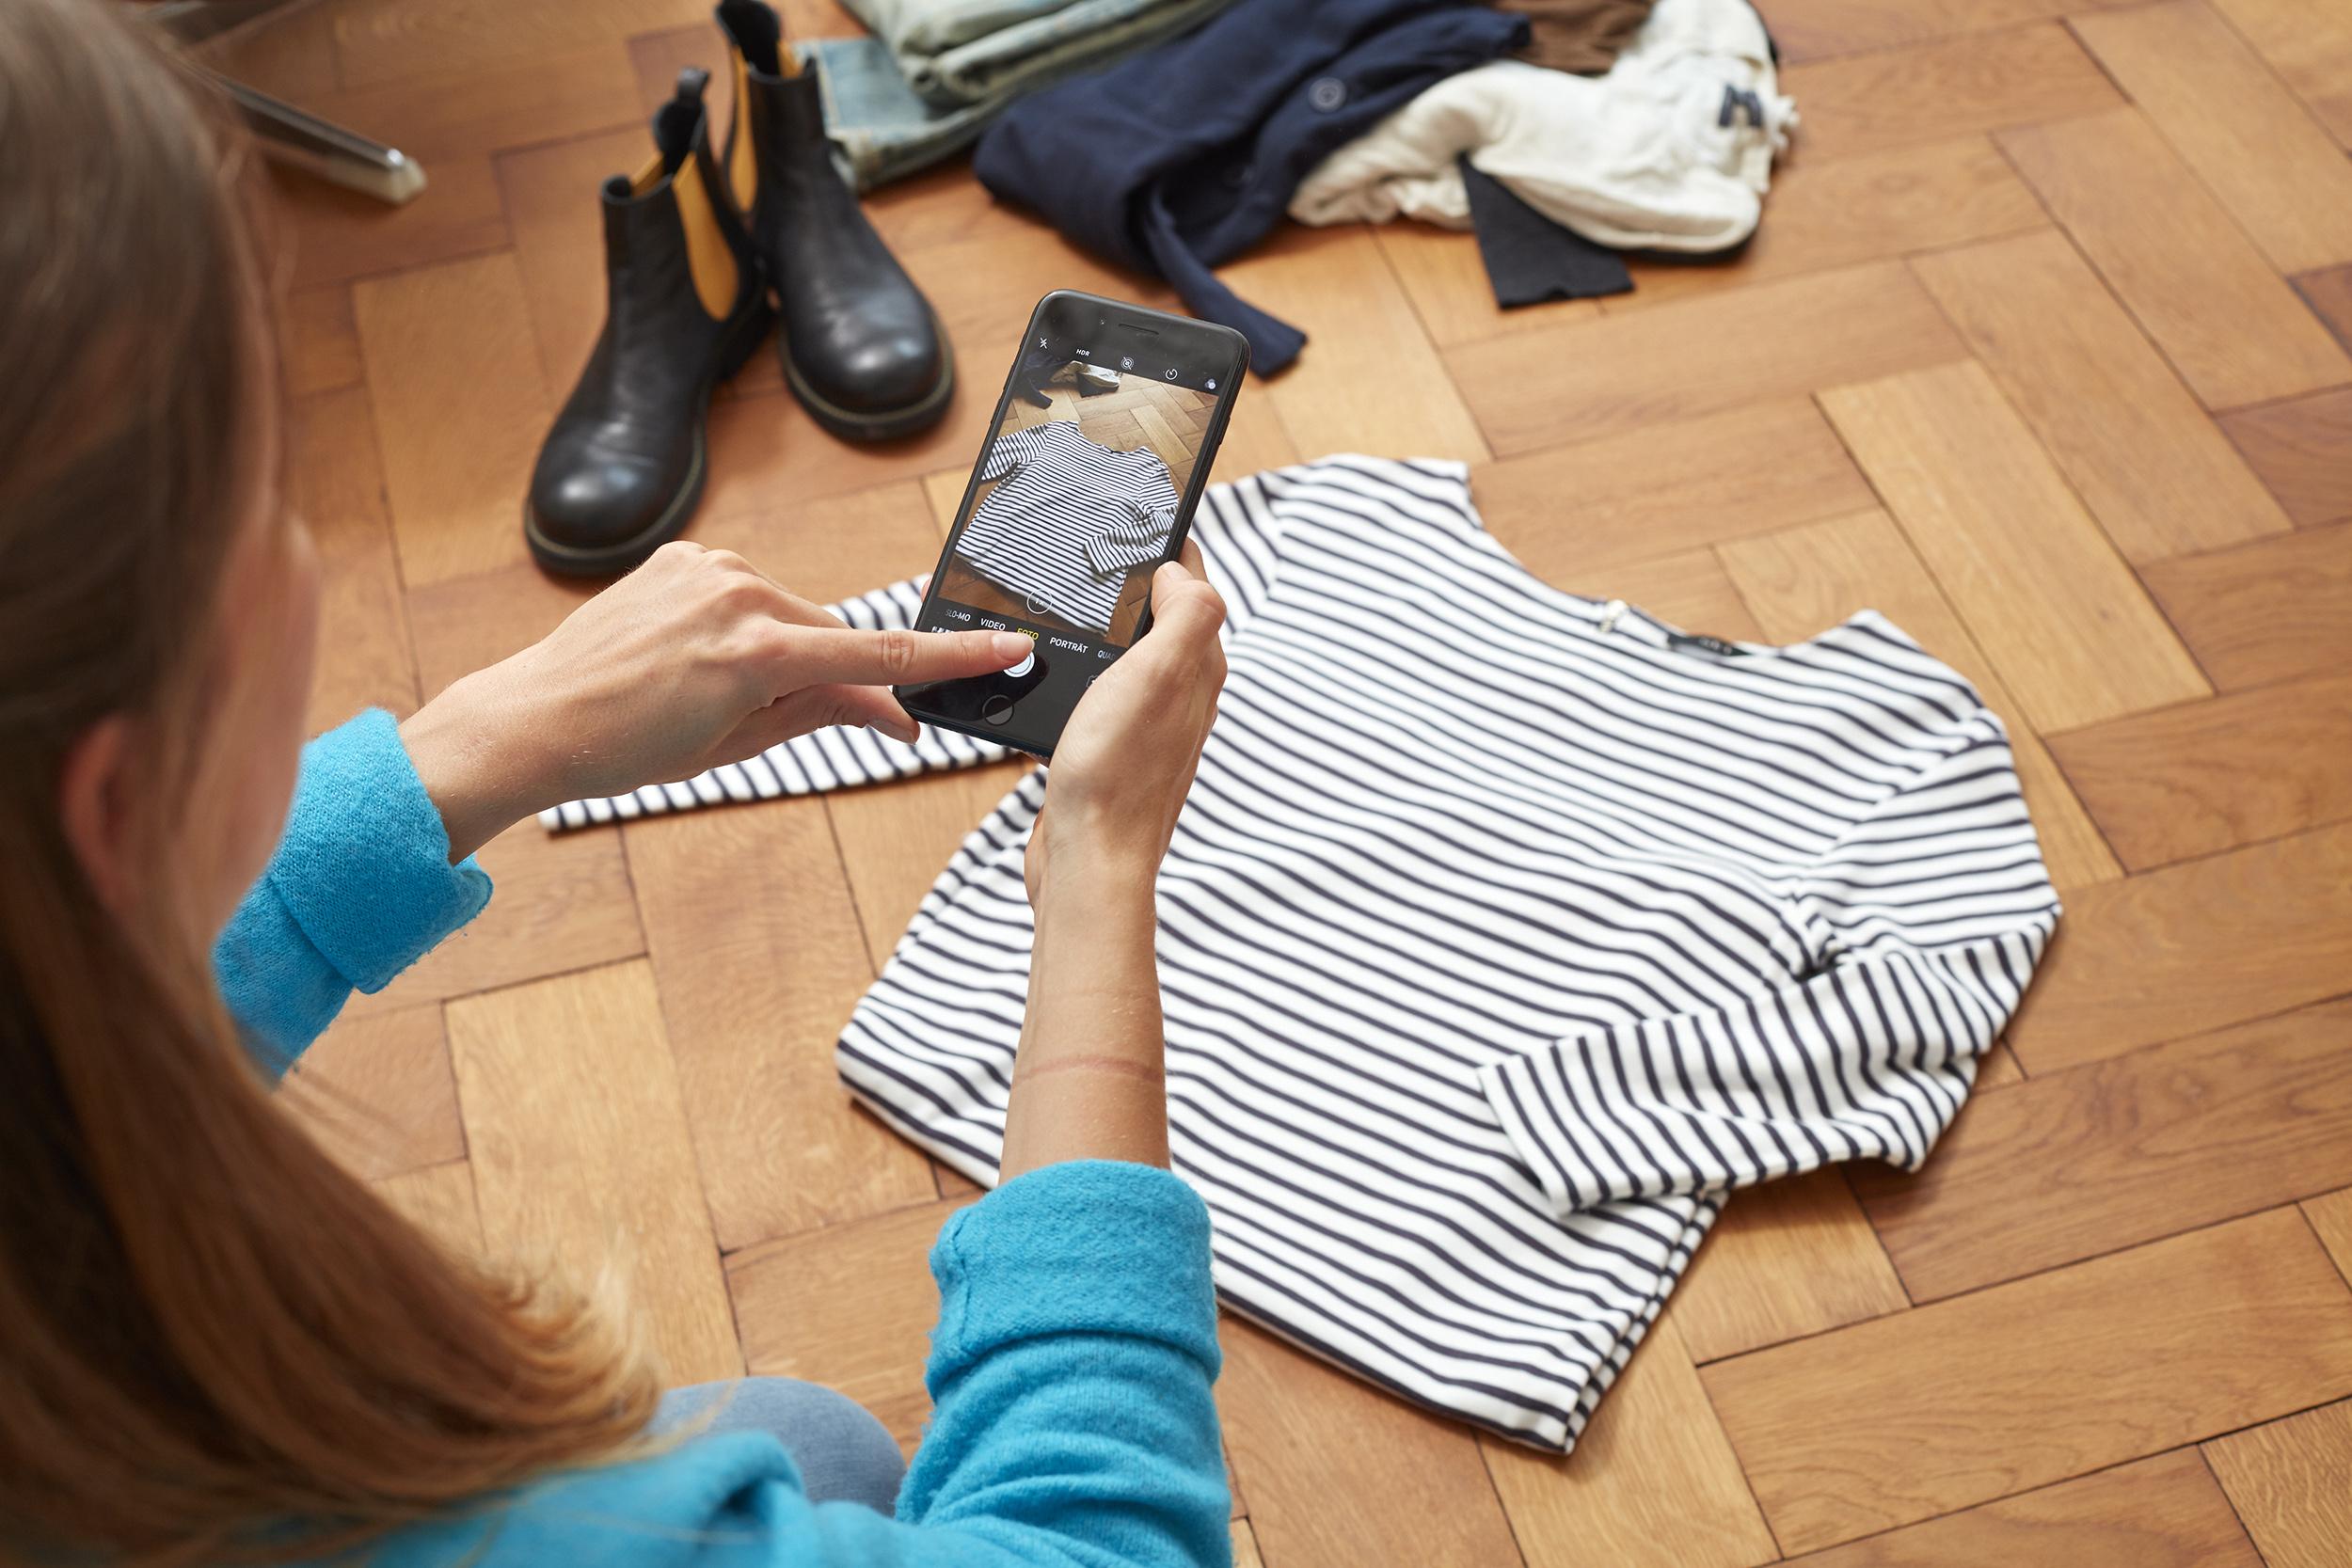 zalando: zircle – der kleiderschrank der zukunft | zalando